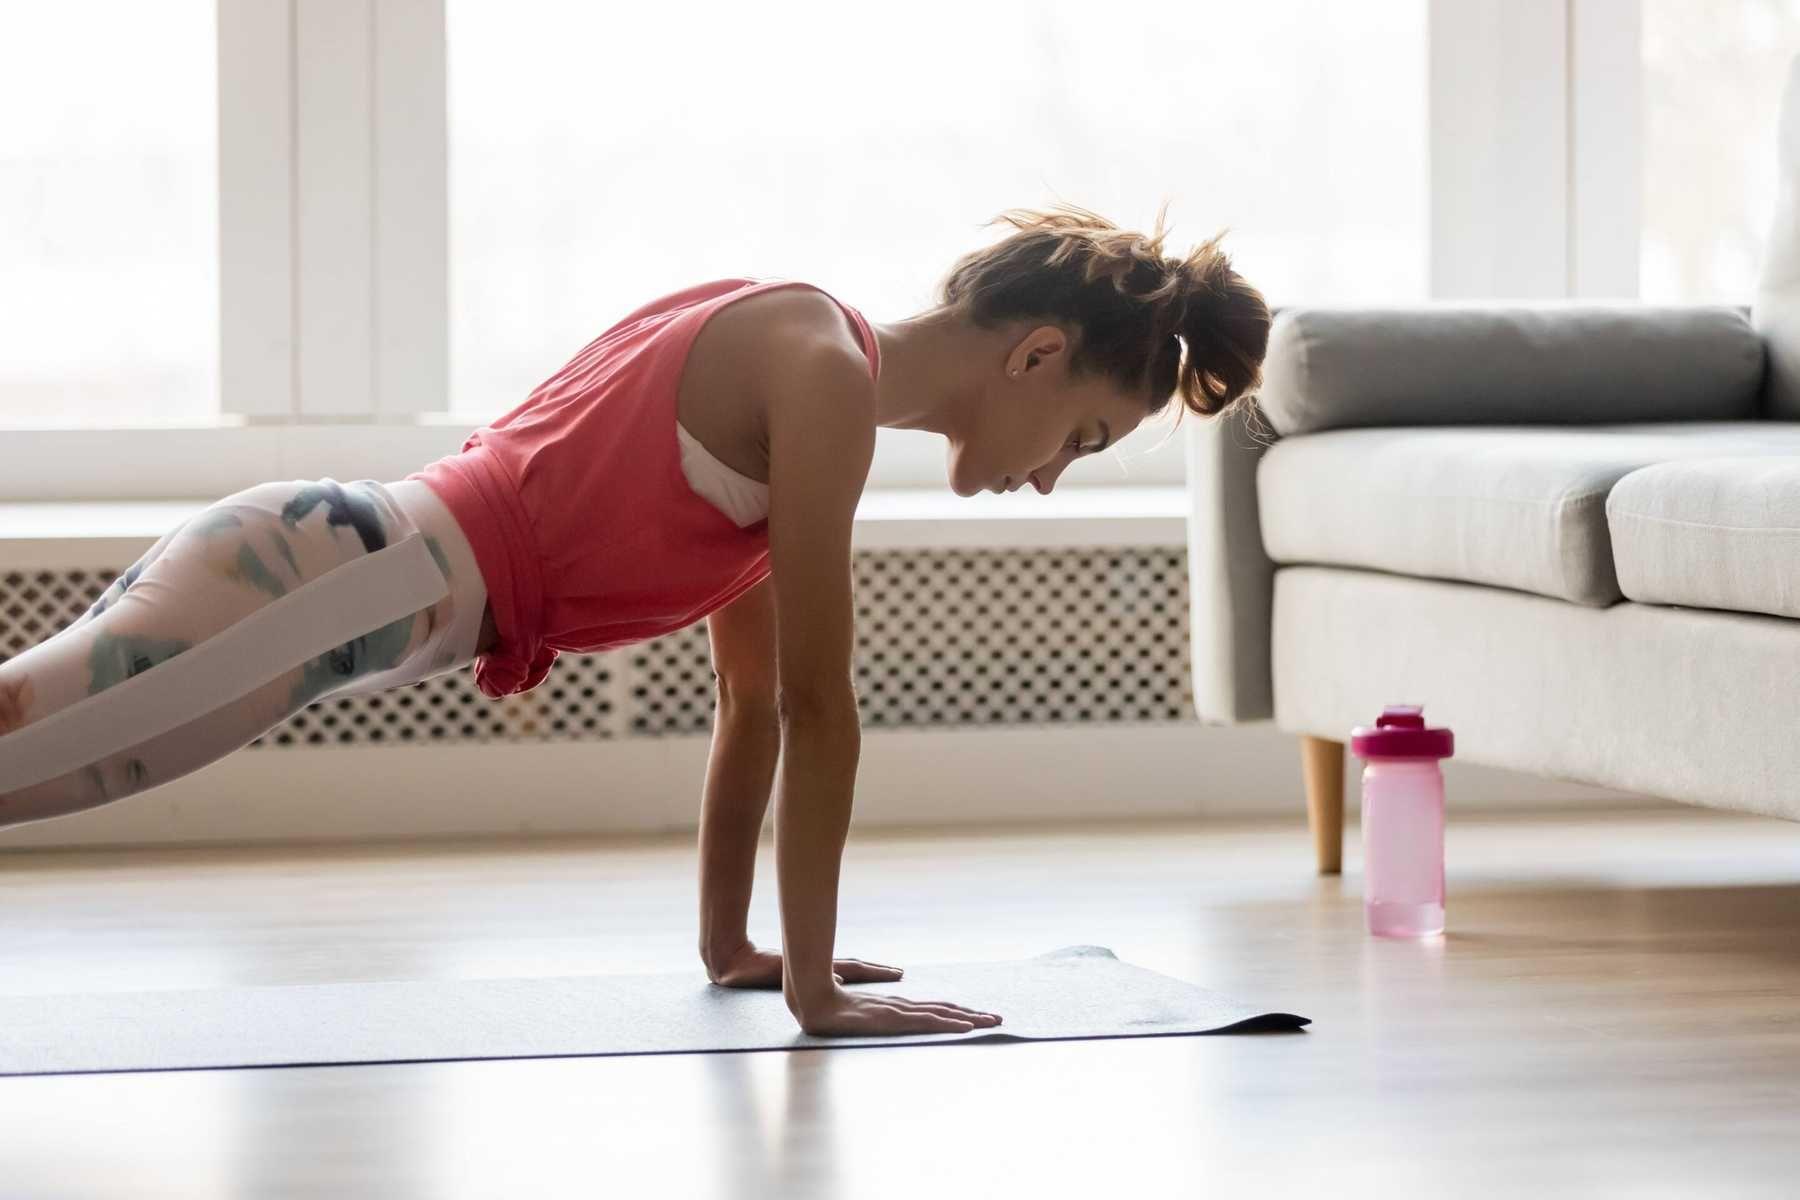 Baking soda tăng cường thể lực và sức bền khi vận động